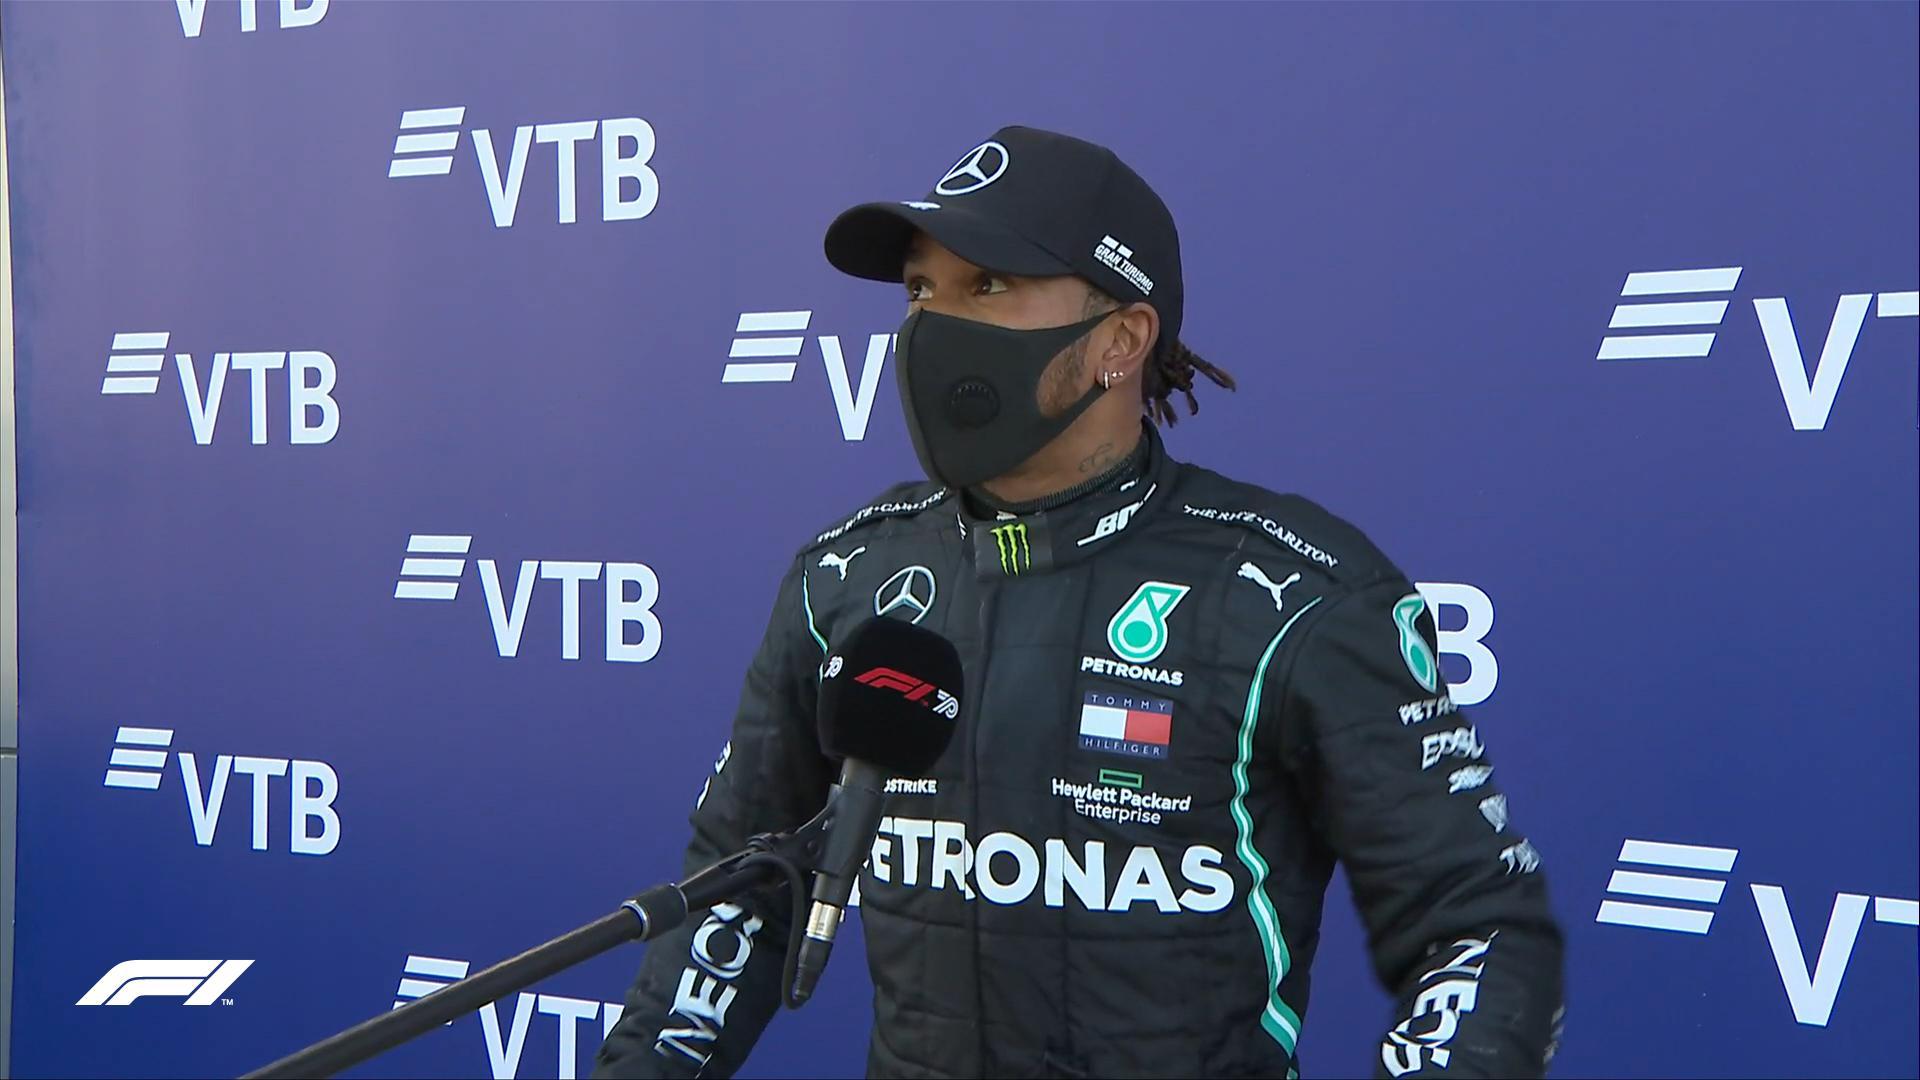 Хэмилтон не смог посягнуть на рекорд Шумахера в Сочи из-за странного штрафа